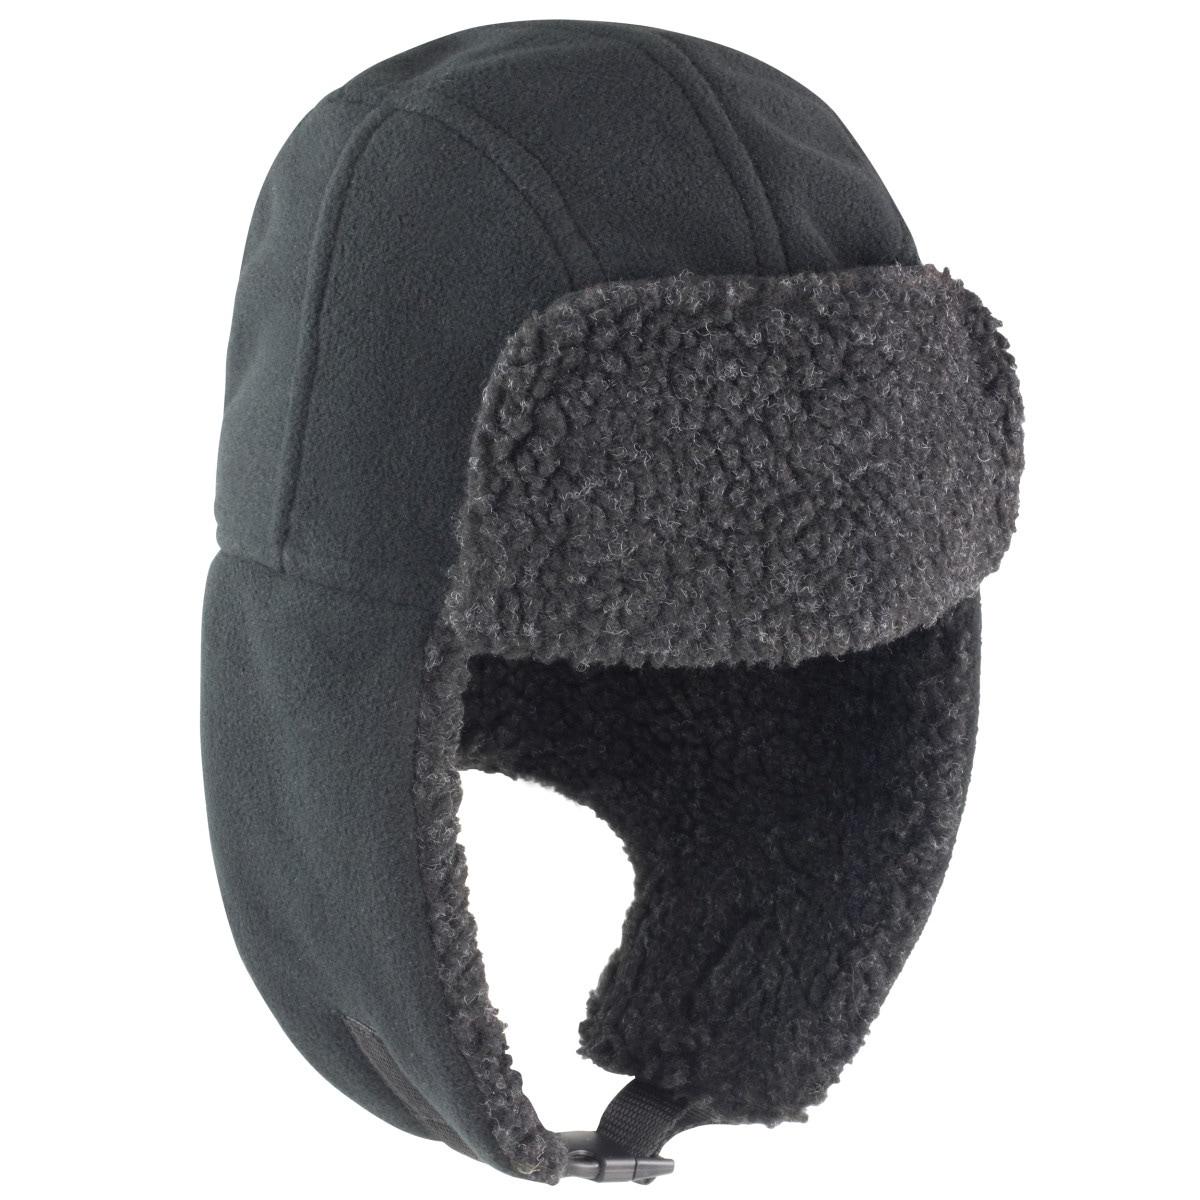 Result Ohrenmütze Herren Winter Sherpa Mütze Thinsulate | Accessoires > Mützen > Ohrenmützen | Result